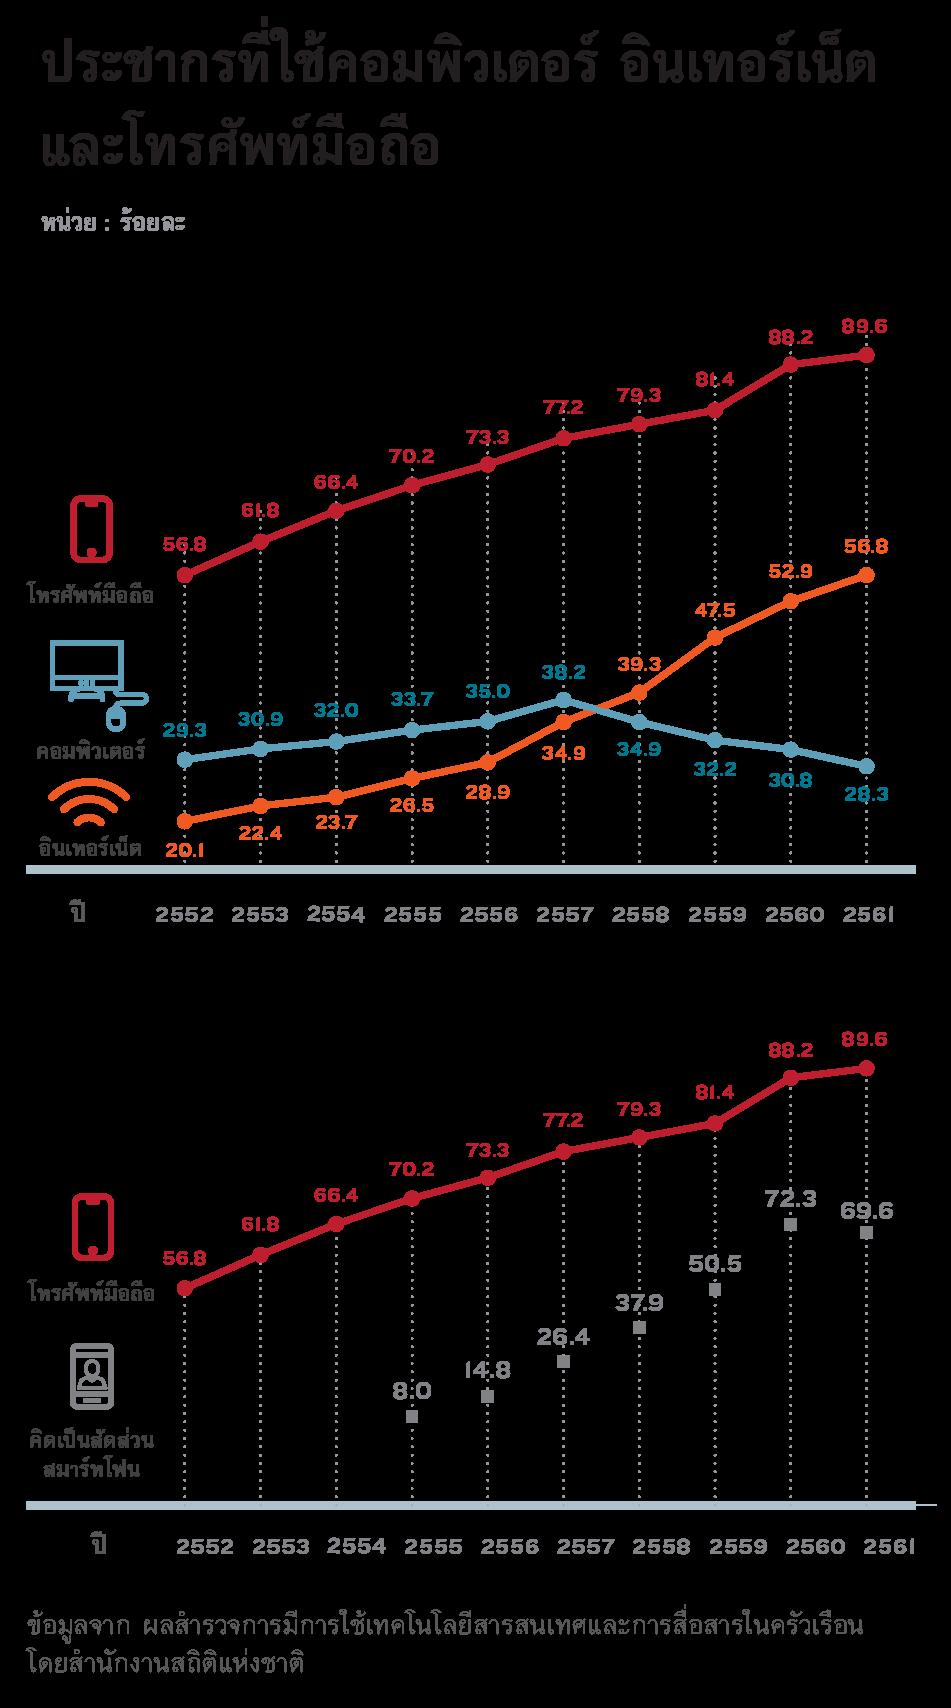 ประชากรที่ใช้คอมพิวเตอร์ อินเทอร์เน็ตและโทรศัพท์มือถือ